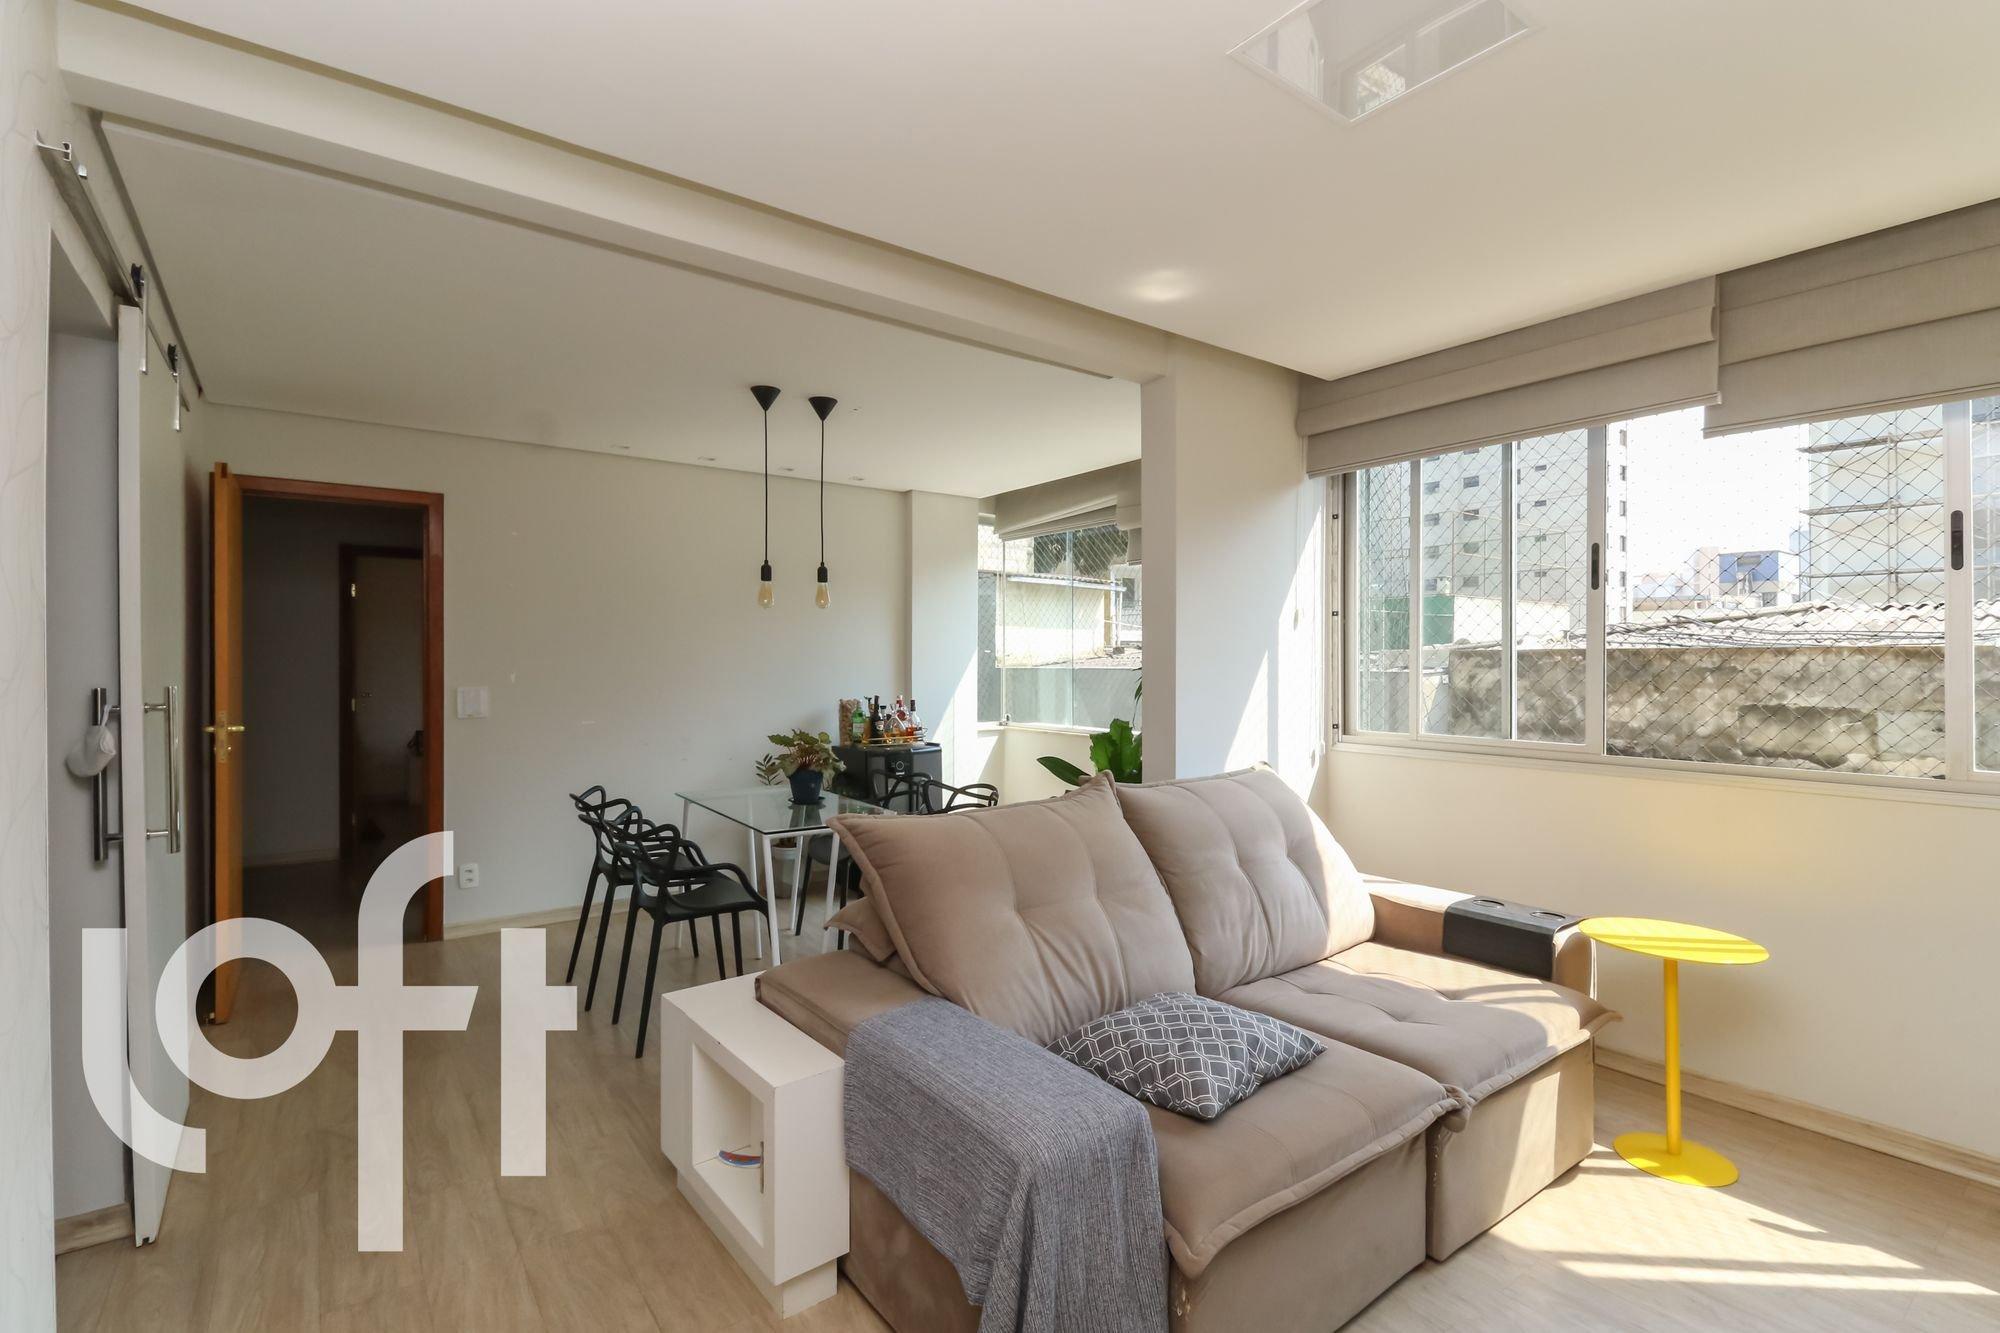 Foto de Sala com sofá, cadeira, garrafa